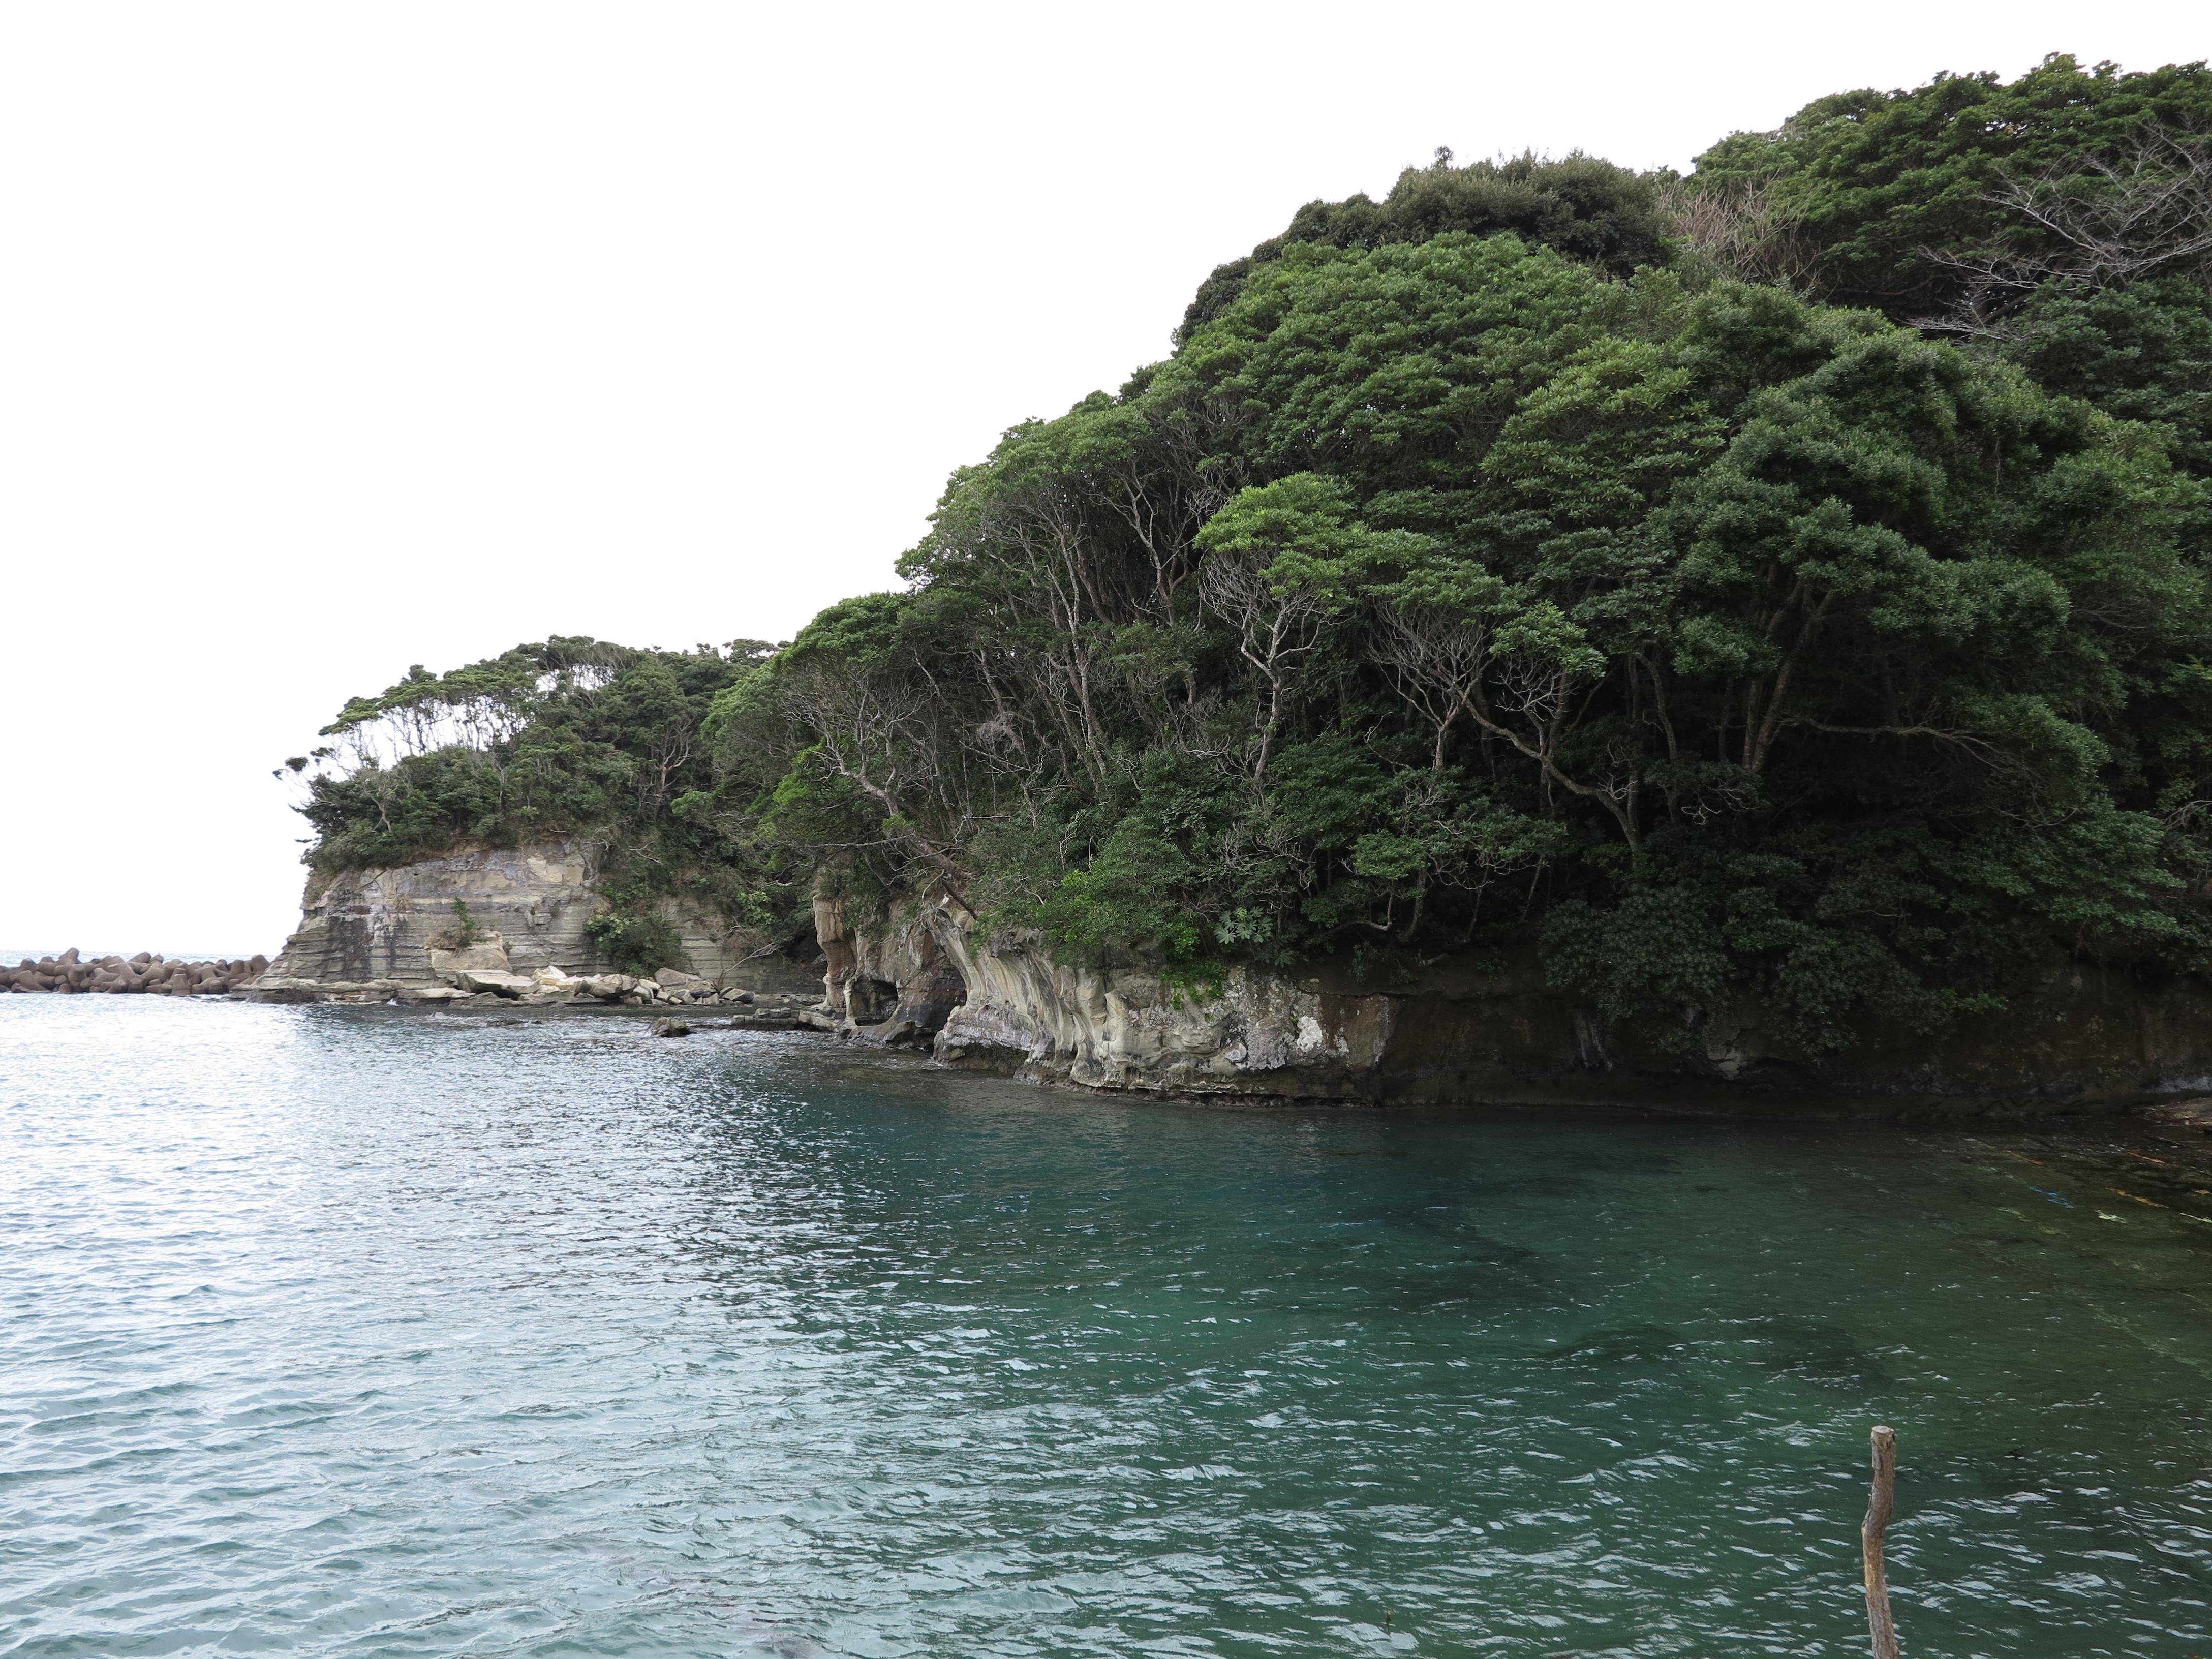 鵜原理想郷は心霊スポット?ハイキングに釣りや絶景も楽しめる!!